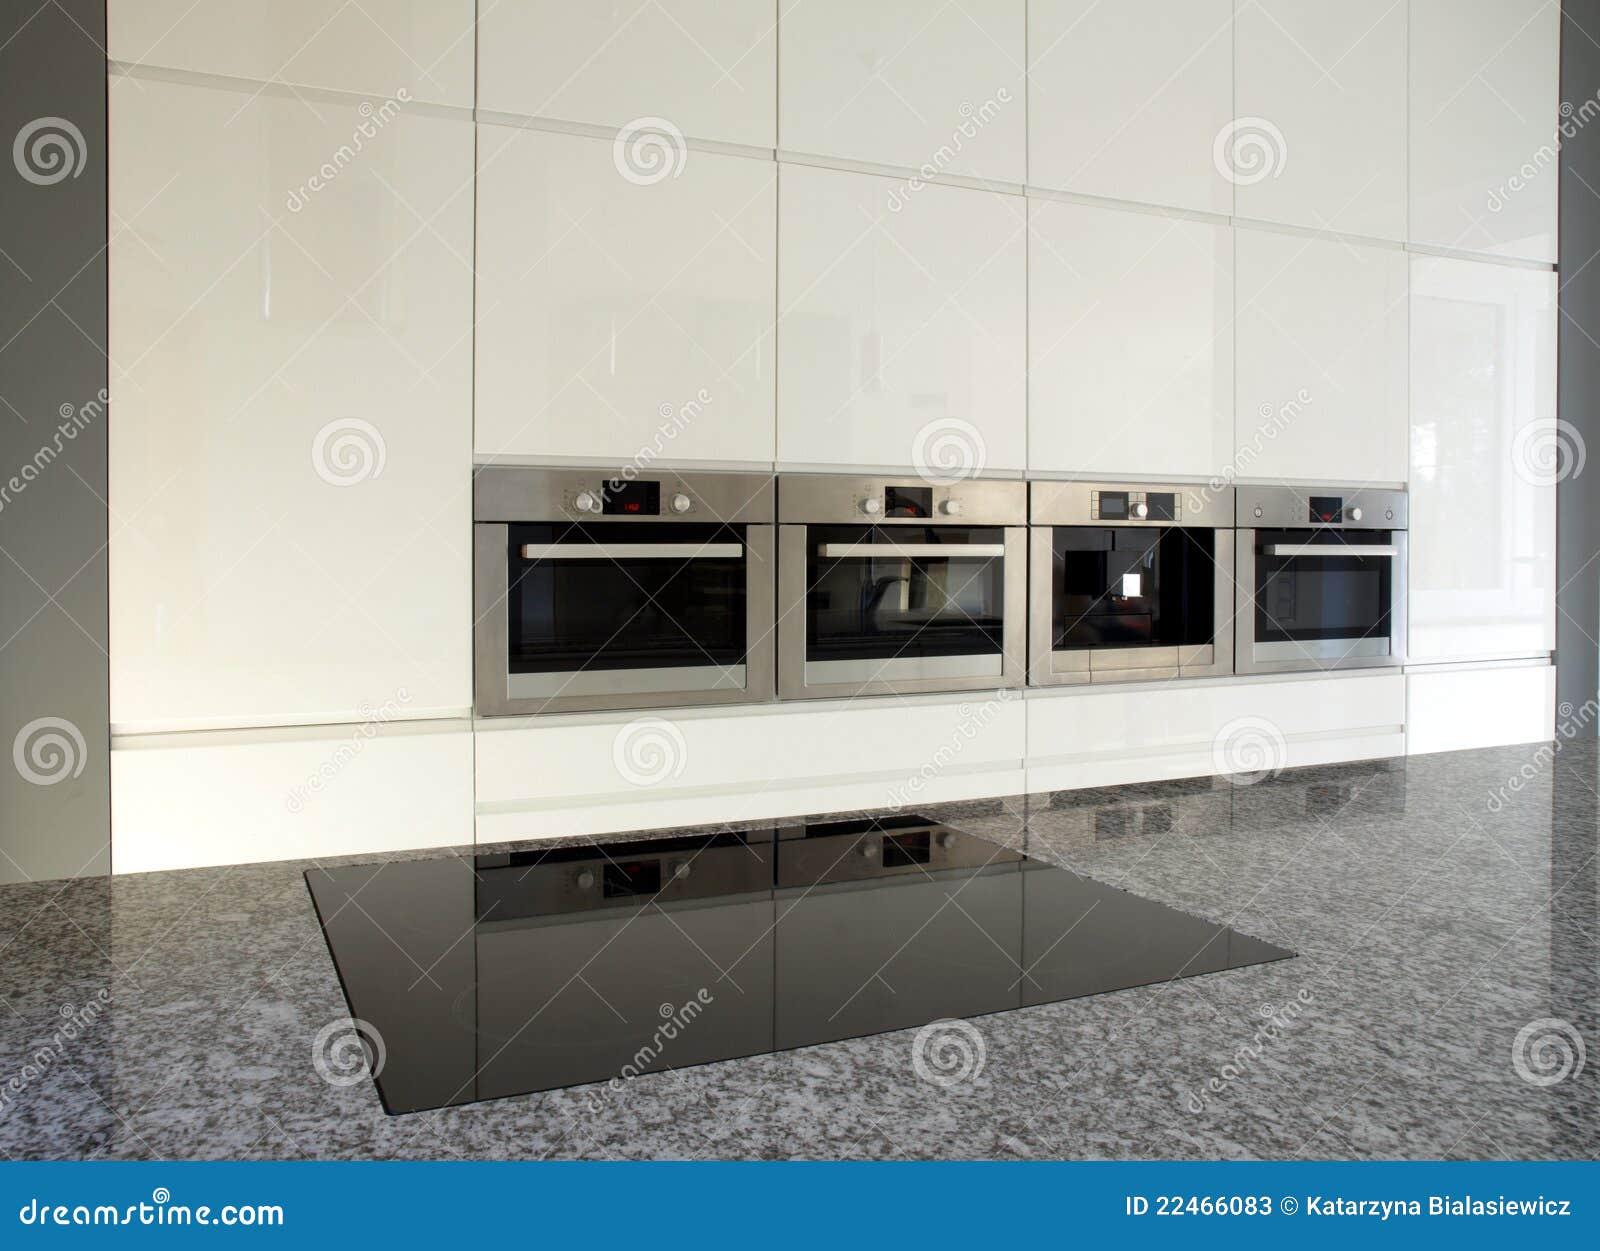 Moderne Eingebaute Küche Im Weiß Stockfotos - Bild: 22466083